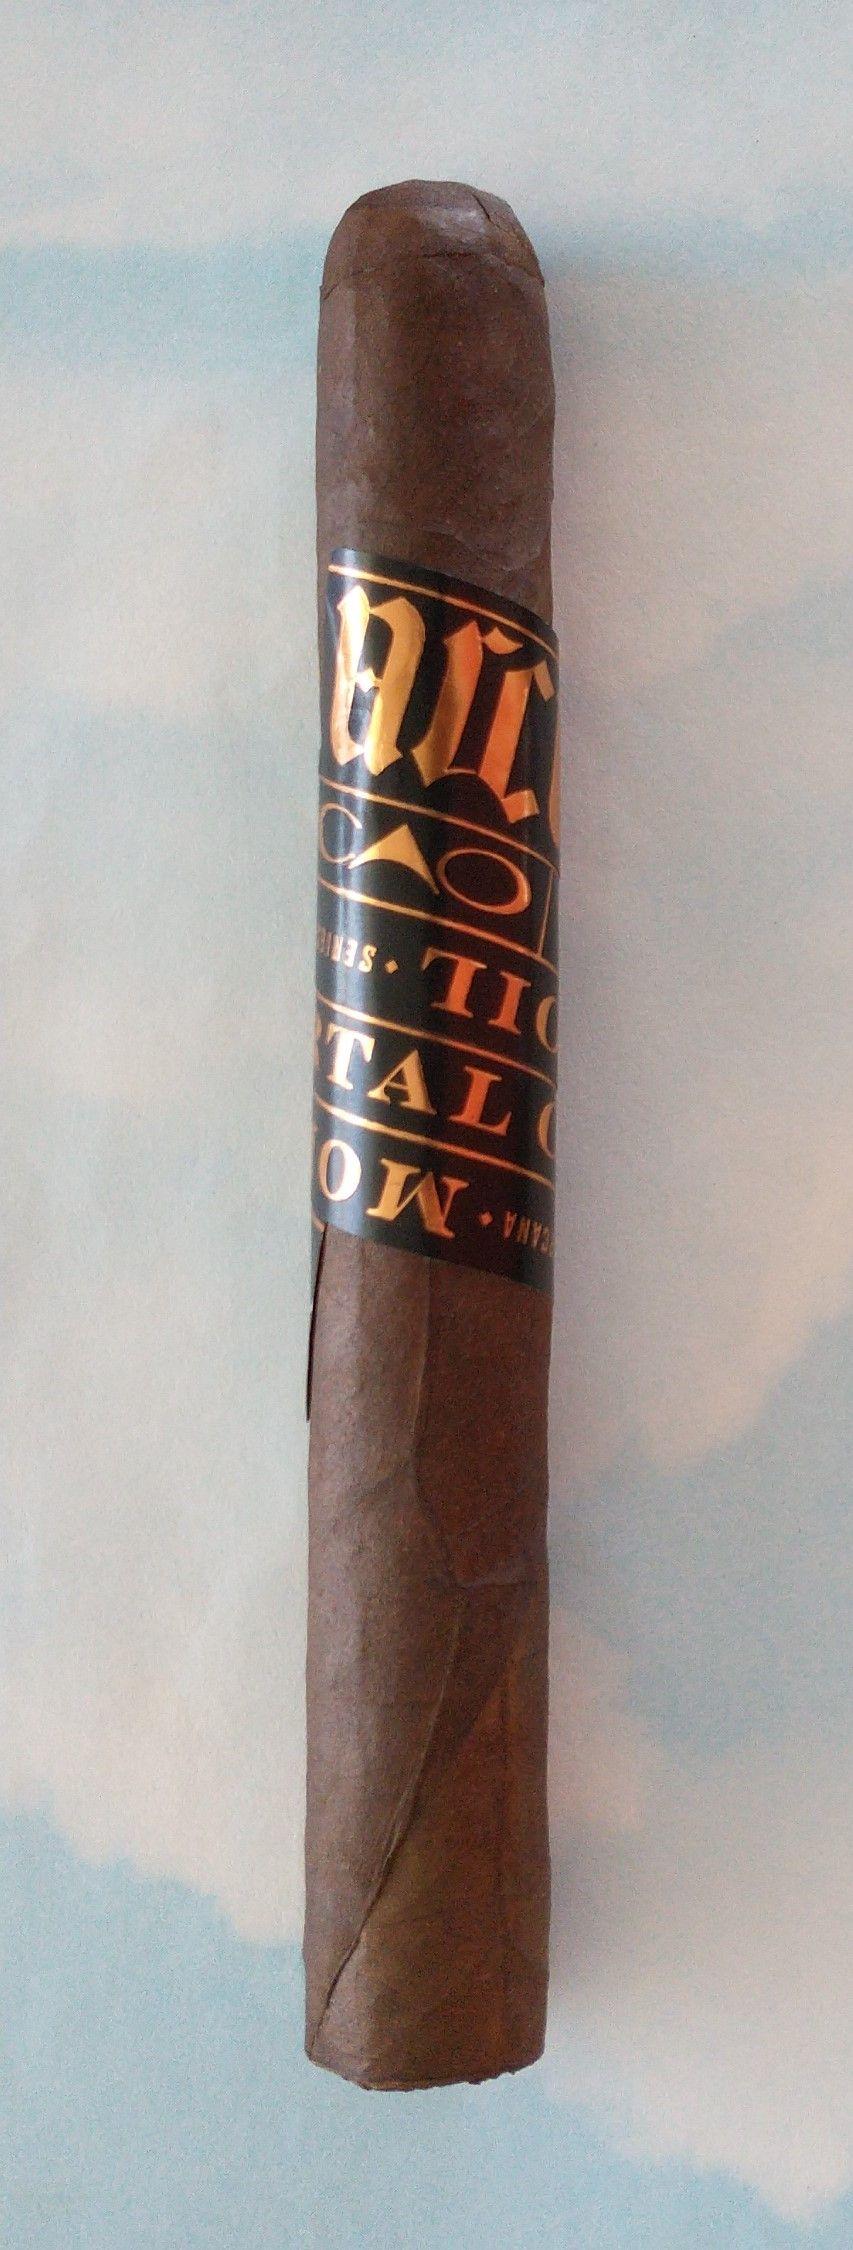 CAO Mortal Coil Cigar